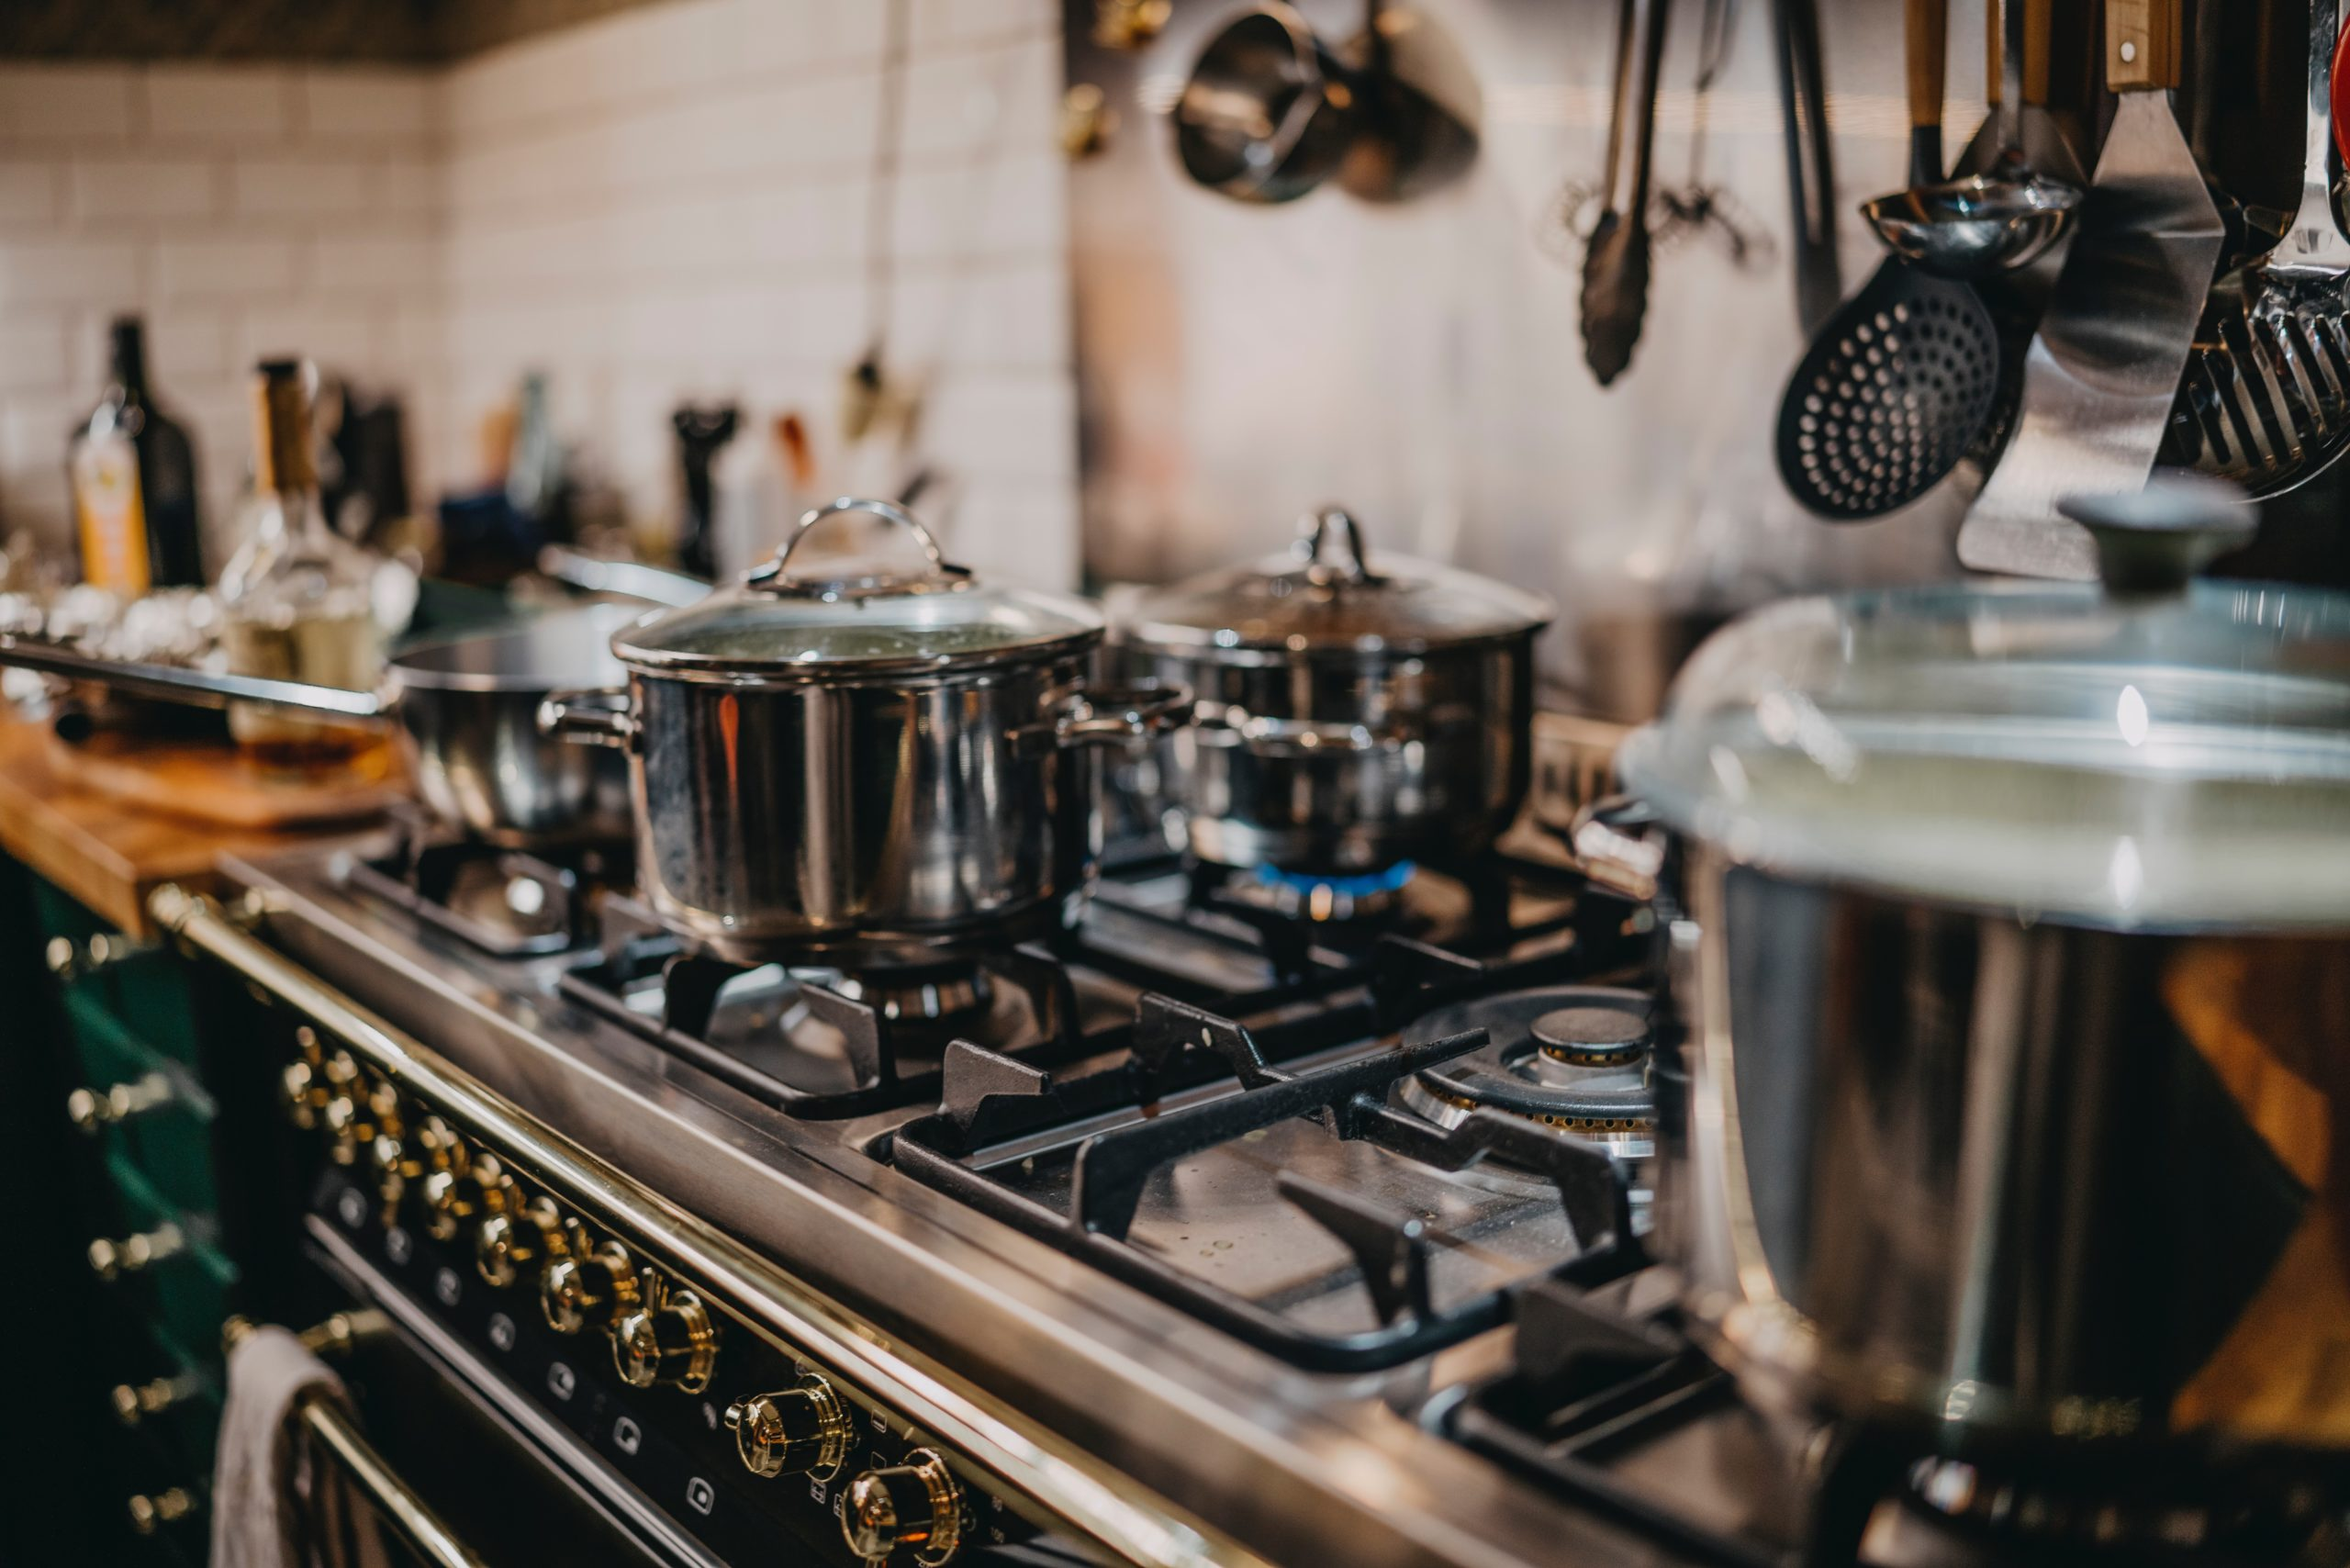 キッチンに調理器具が並んでいる画像